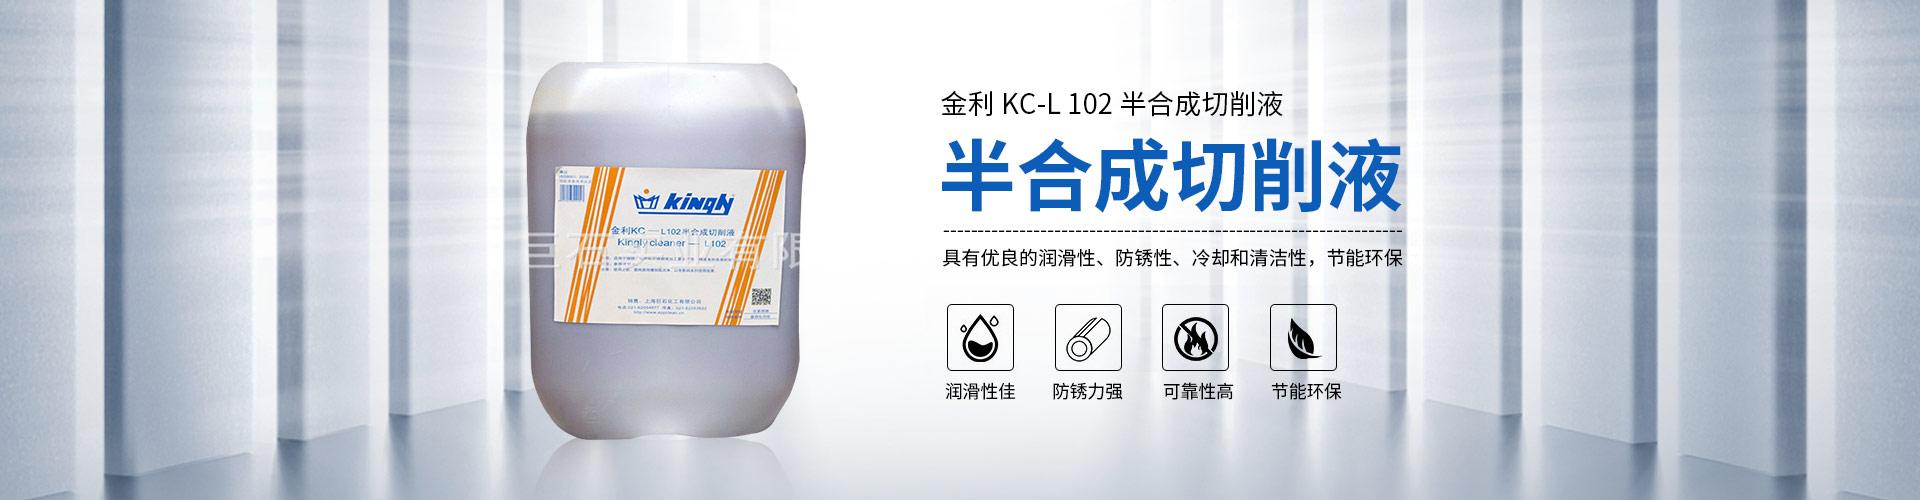 上海巨石实业有限公司